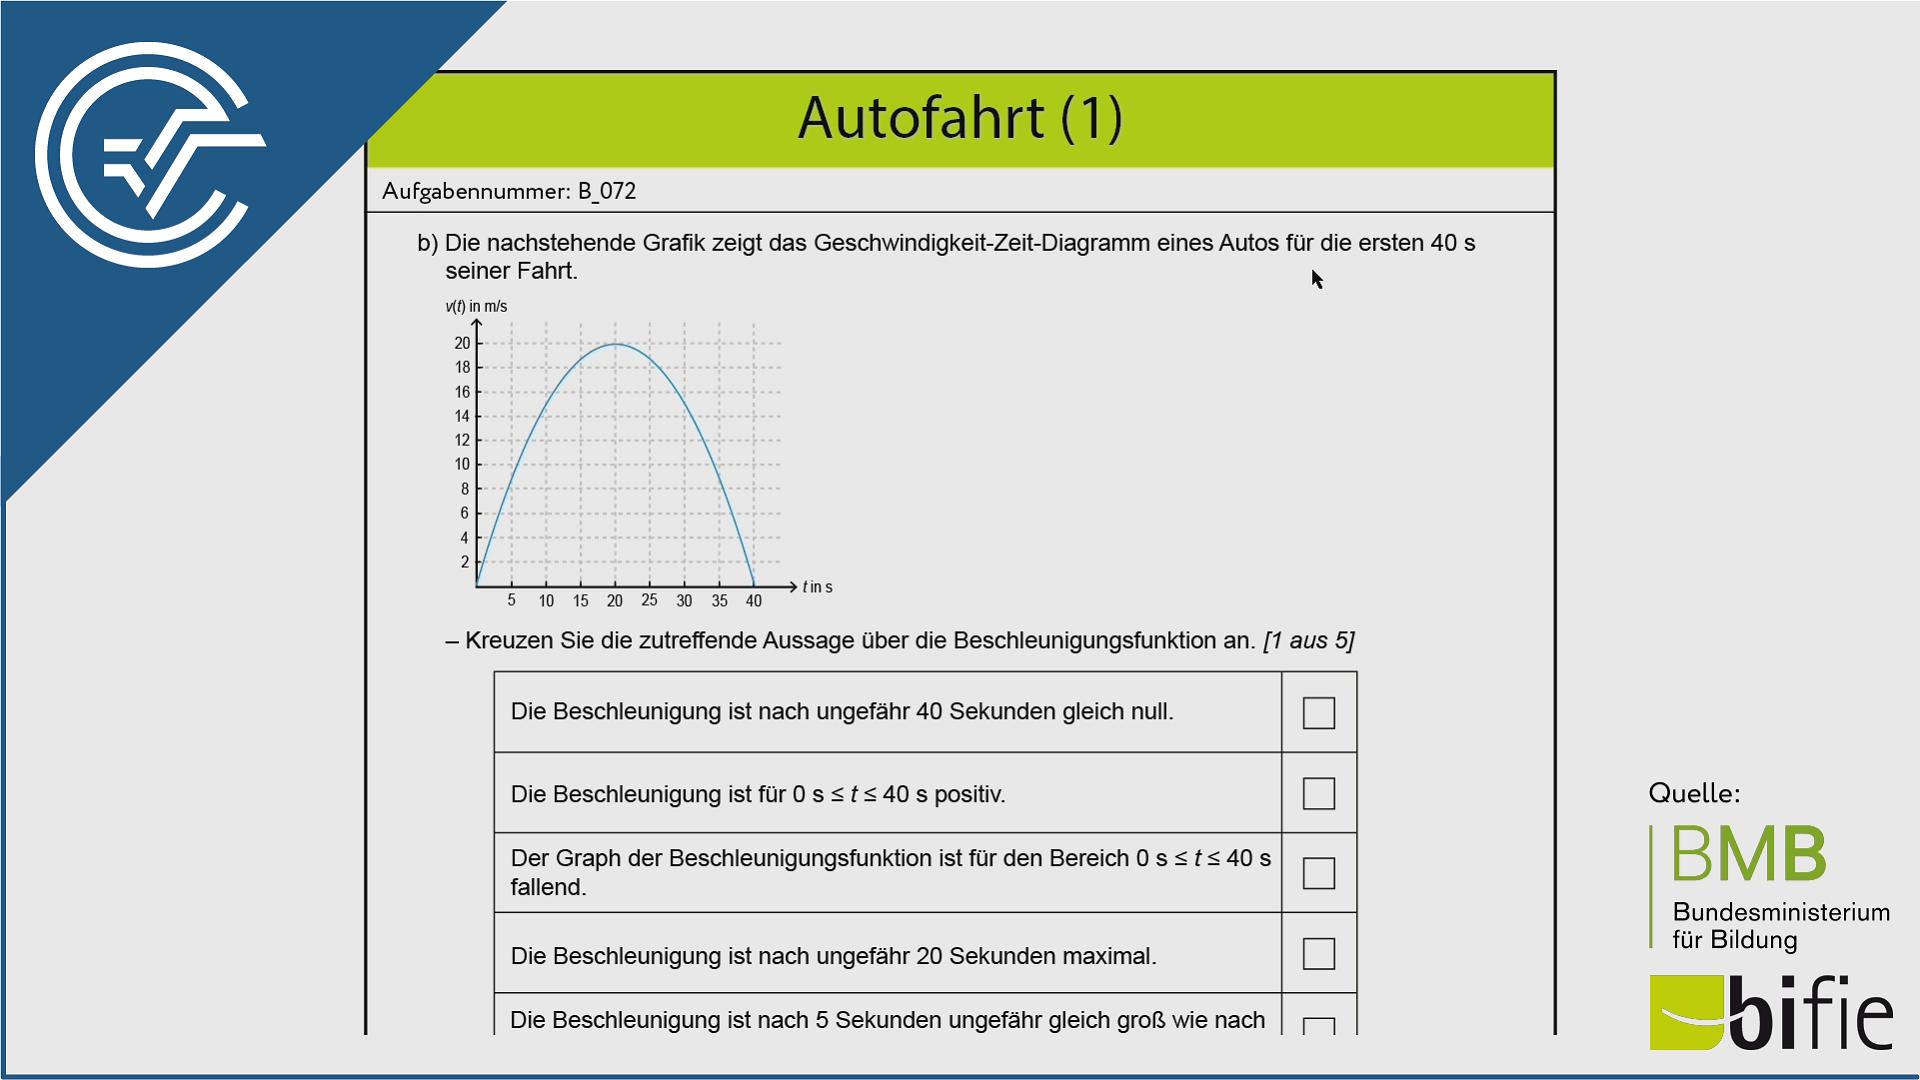 B_072 Autofahrt (1) b [Physik]